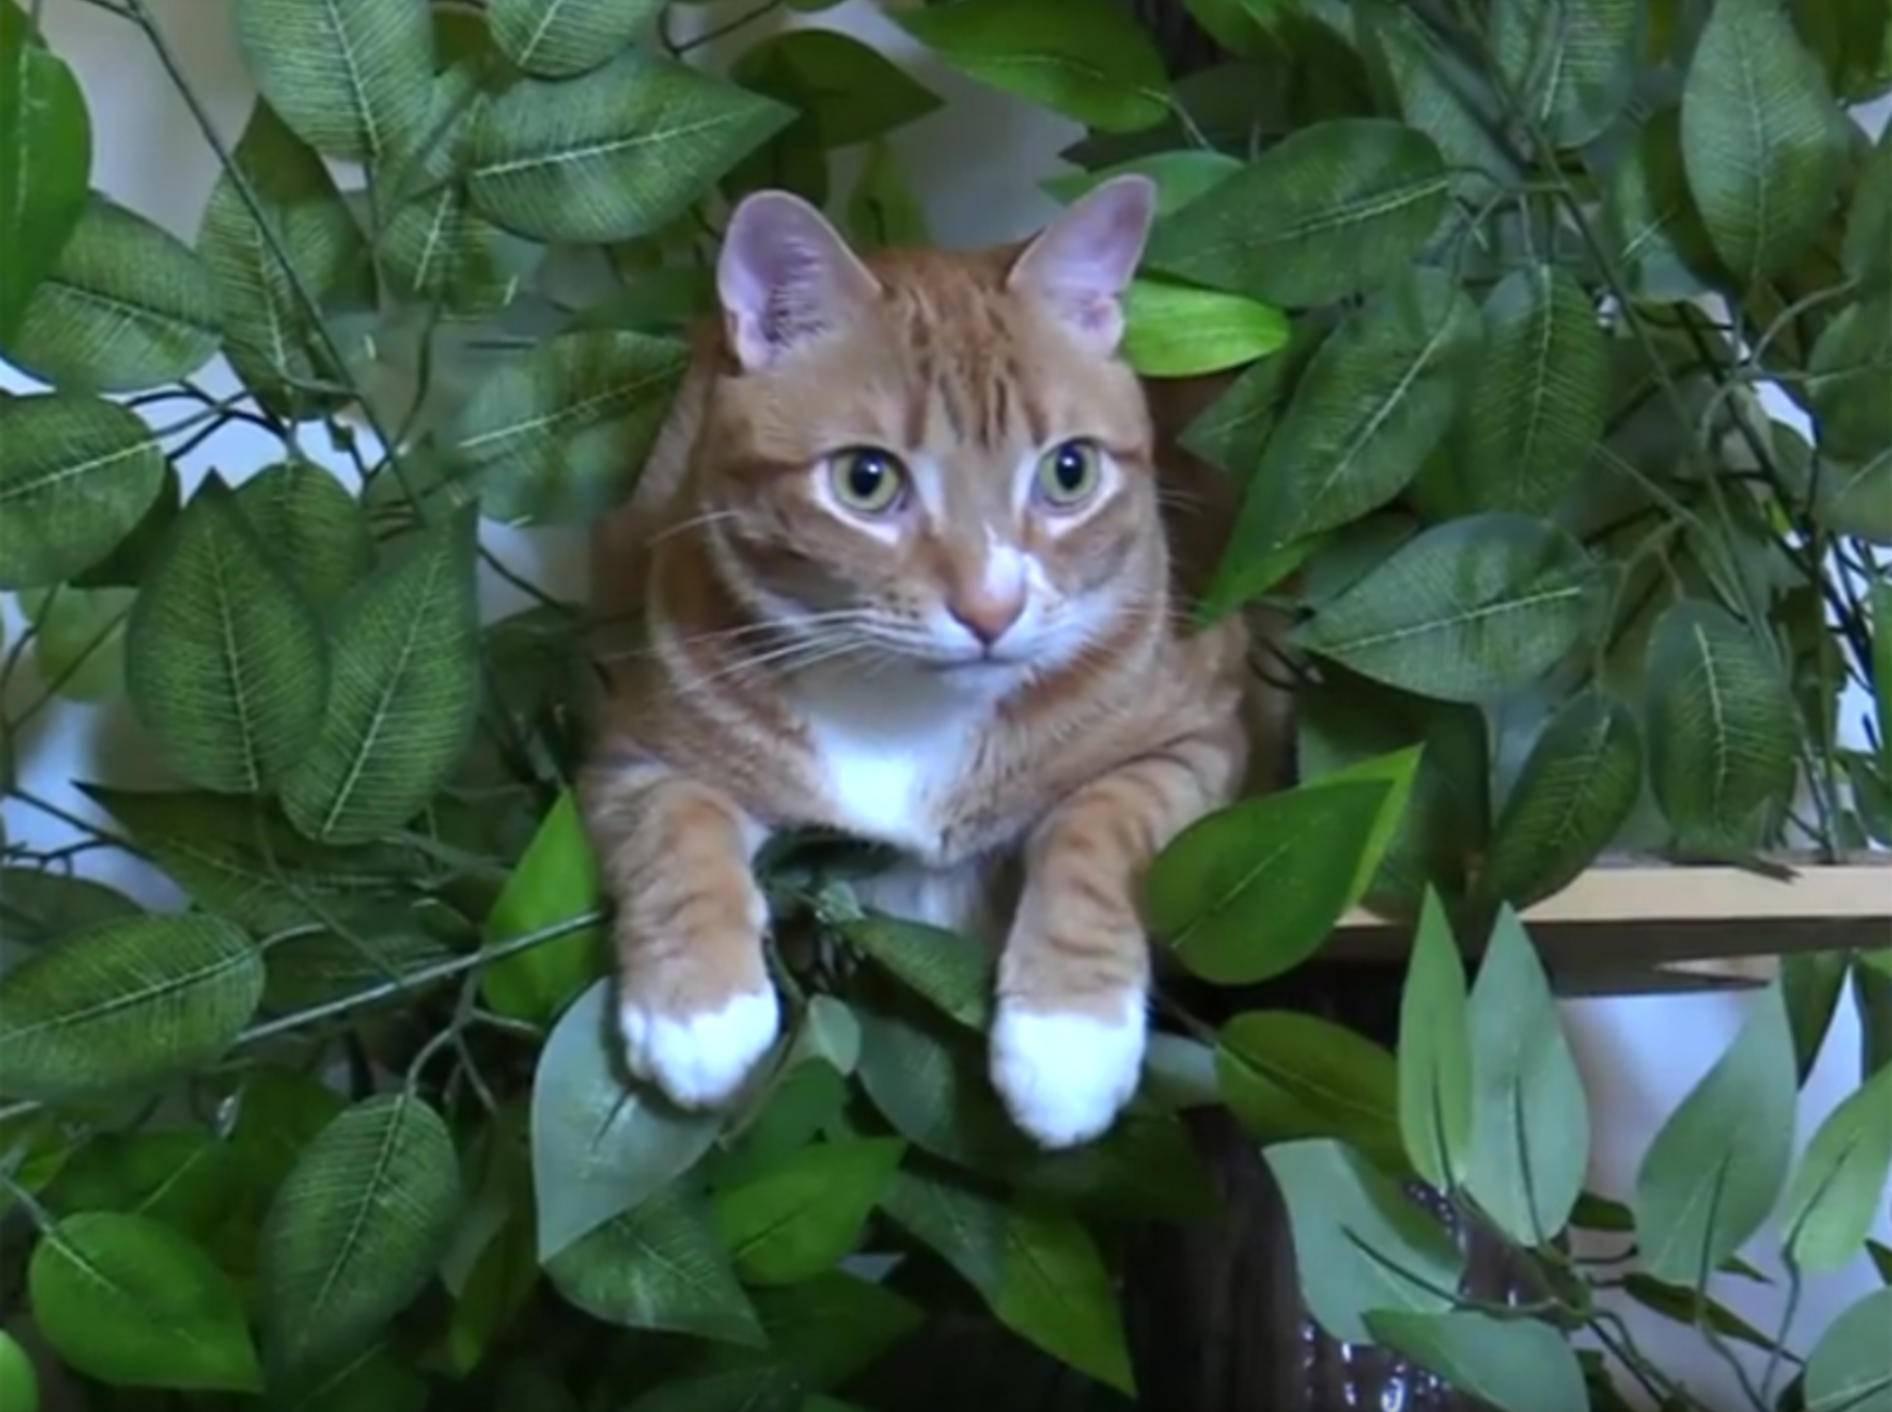 Cole und Marmalade erklären, warum Katzen Bäume lieben – YouTube / Cole and Marmalade